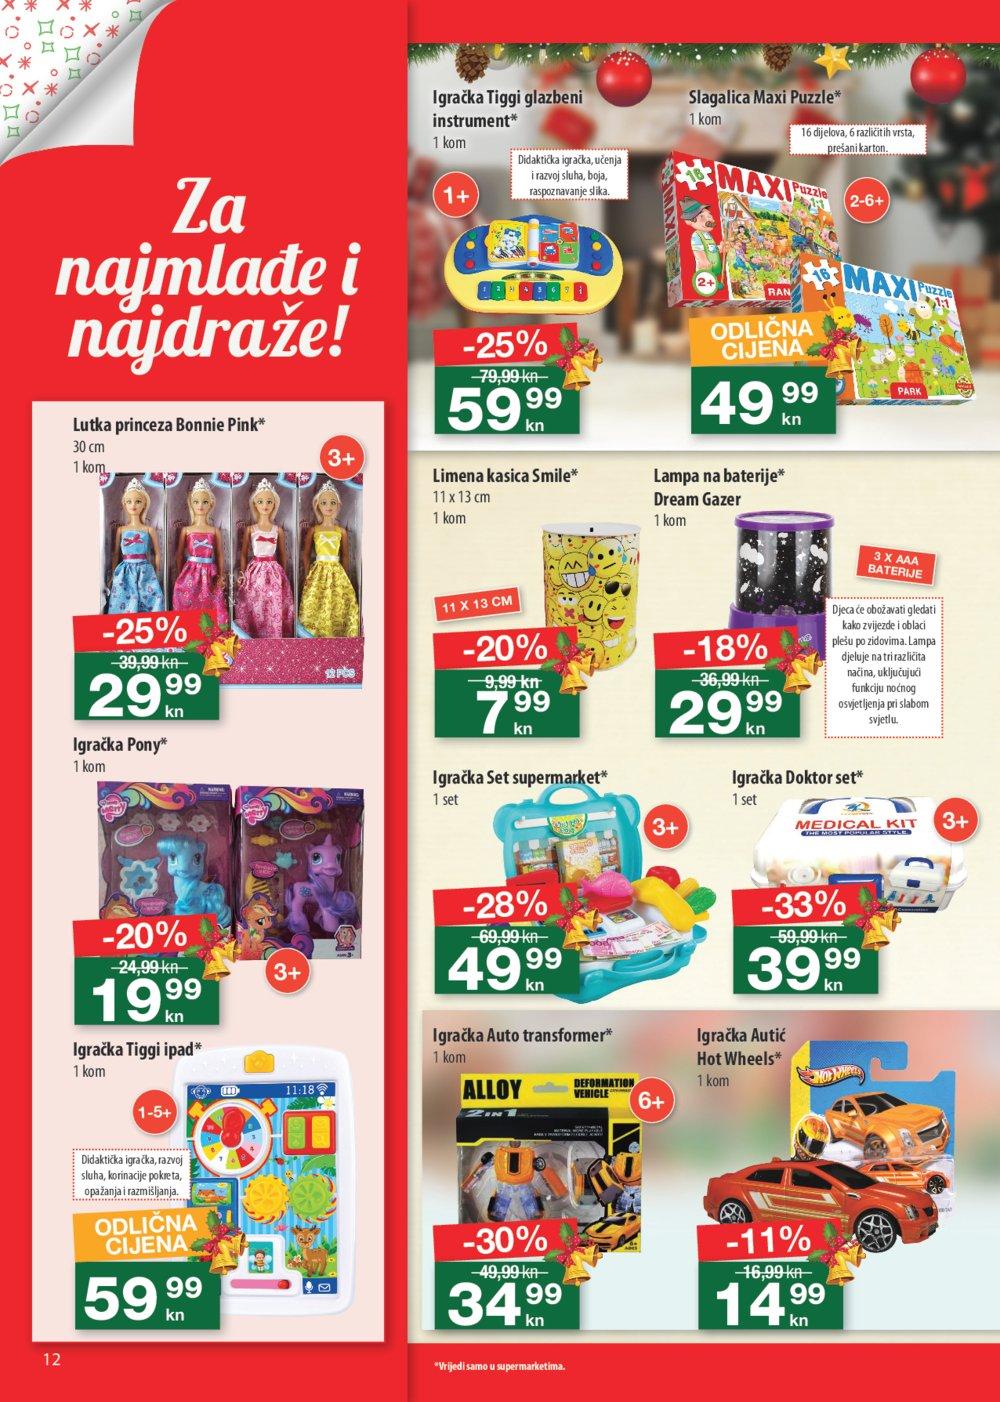 NTL Veselimo se Božiću 12.12.-18.12.2019. Soblinec, Duga Resa, Lučko, Krapina, Zagreb Bužanova, Vlaška, Varaždin